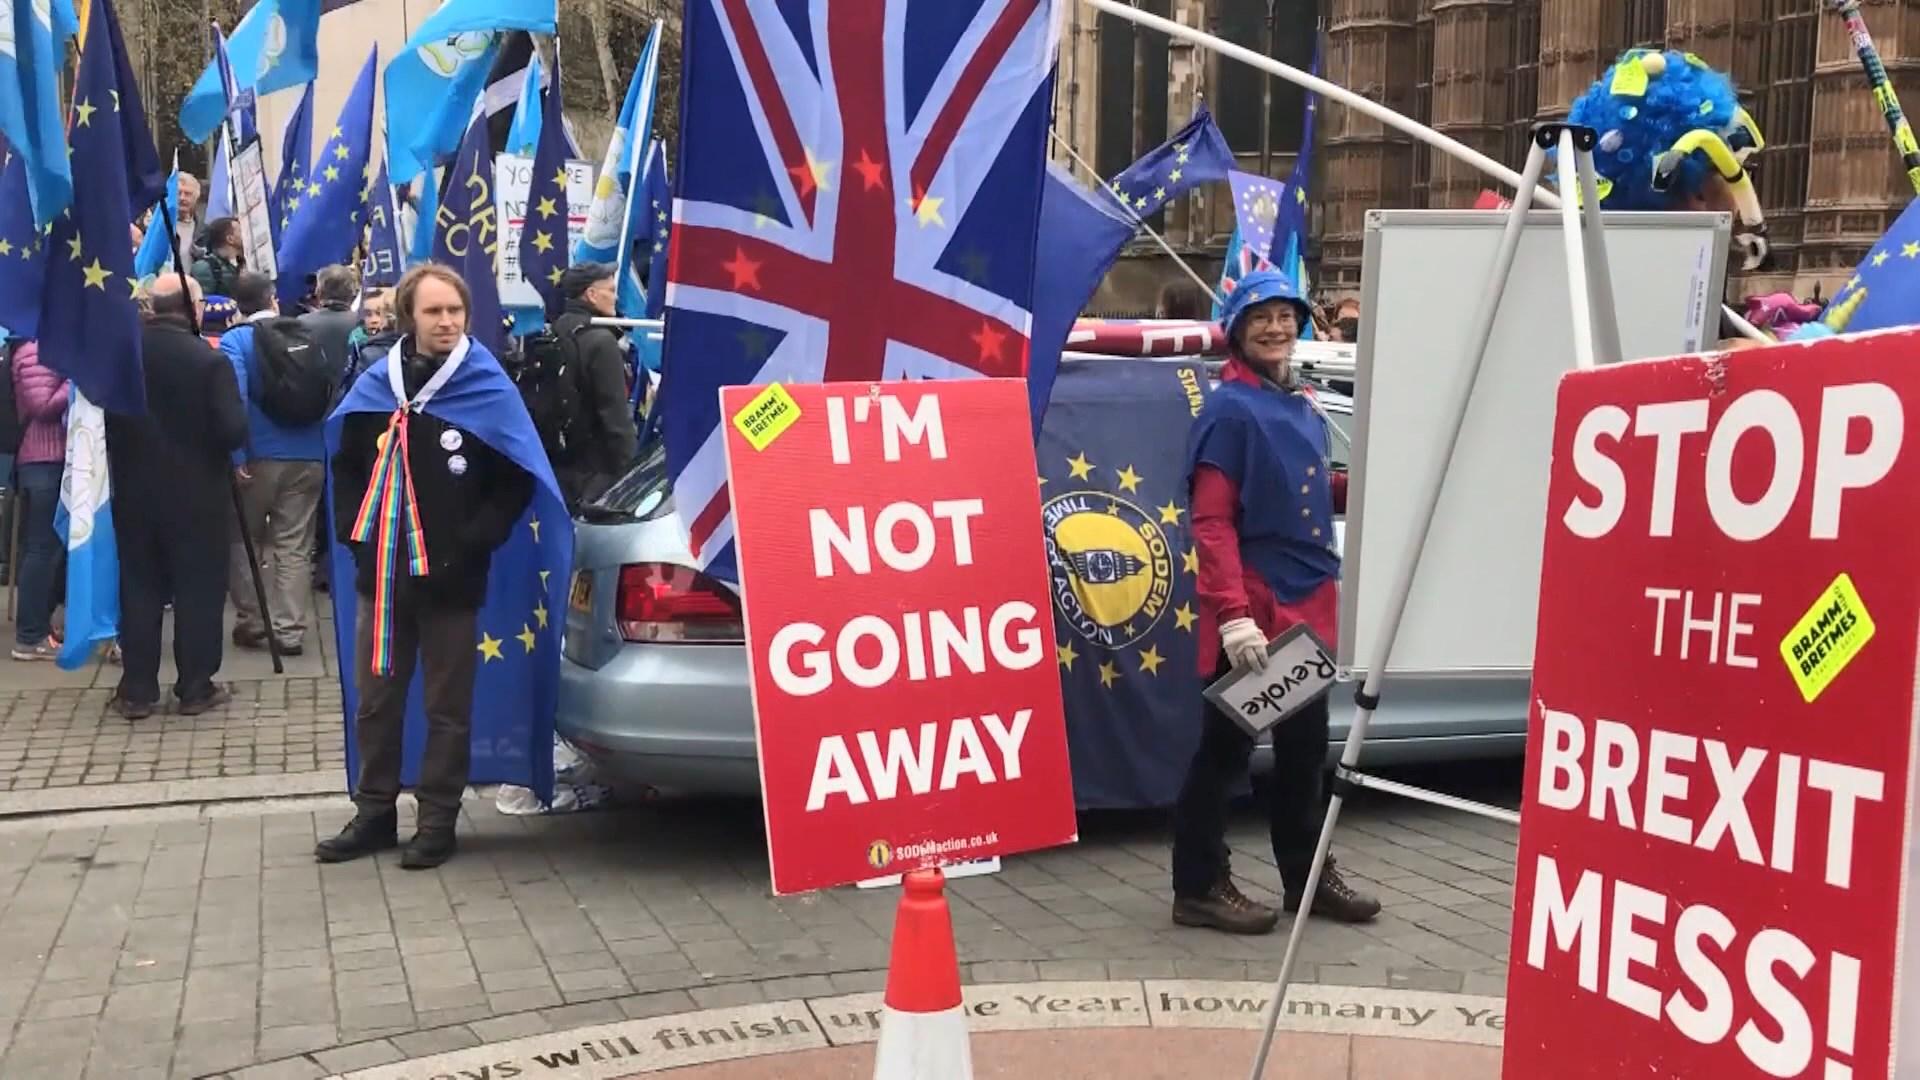 歐盟今召開特別峰會討論英國脫歐